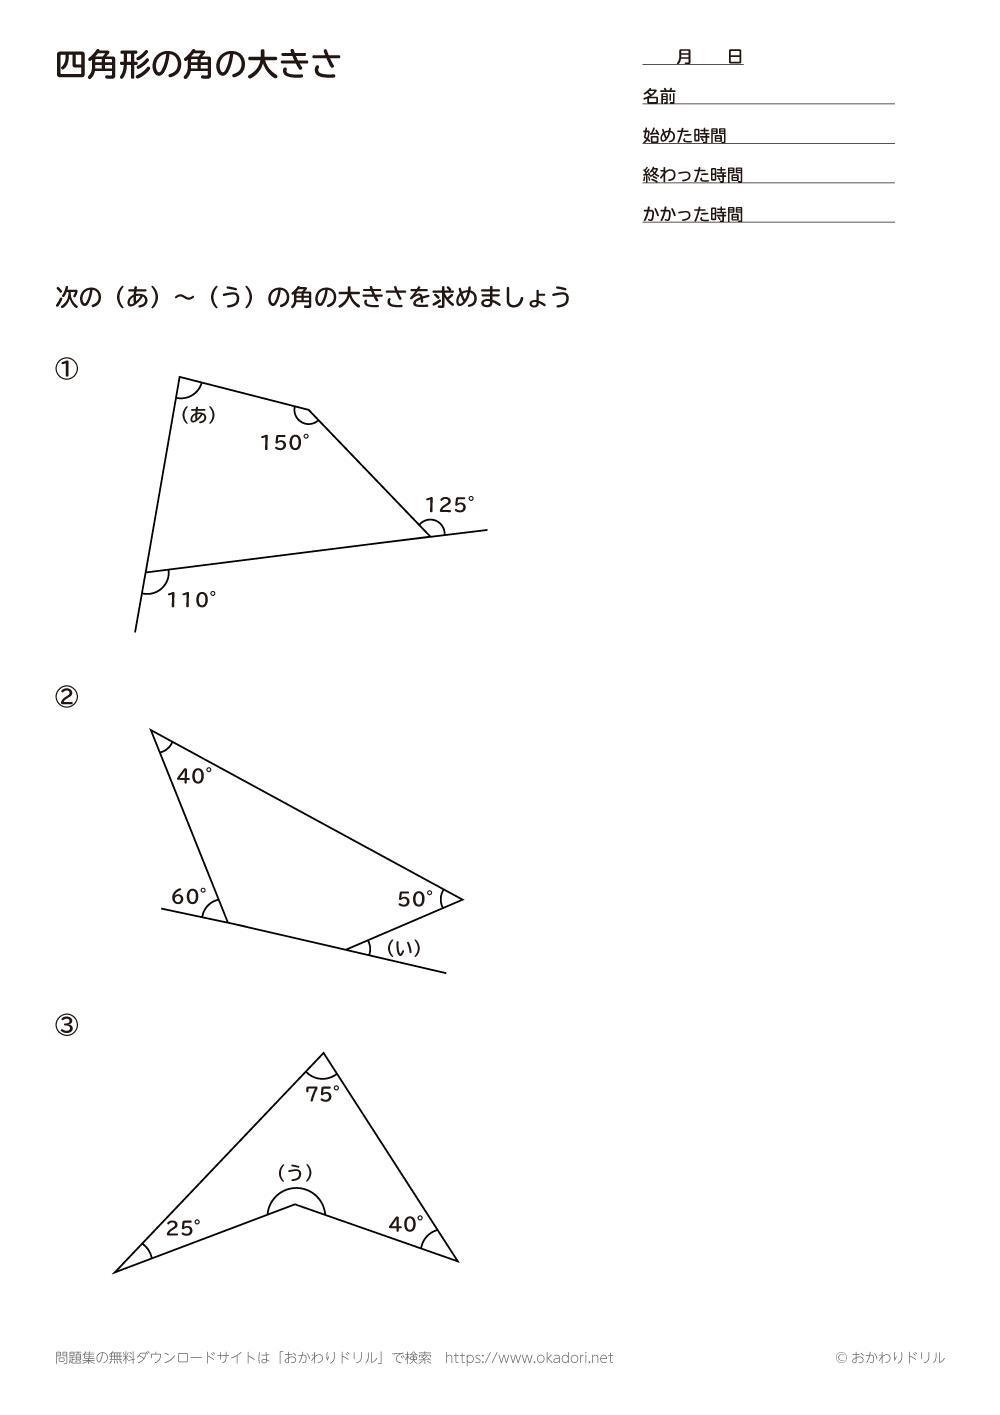 四角形の角の大きさ6